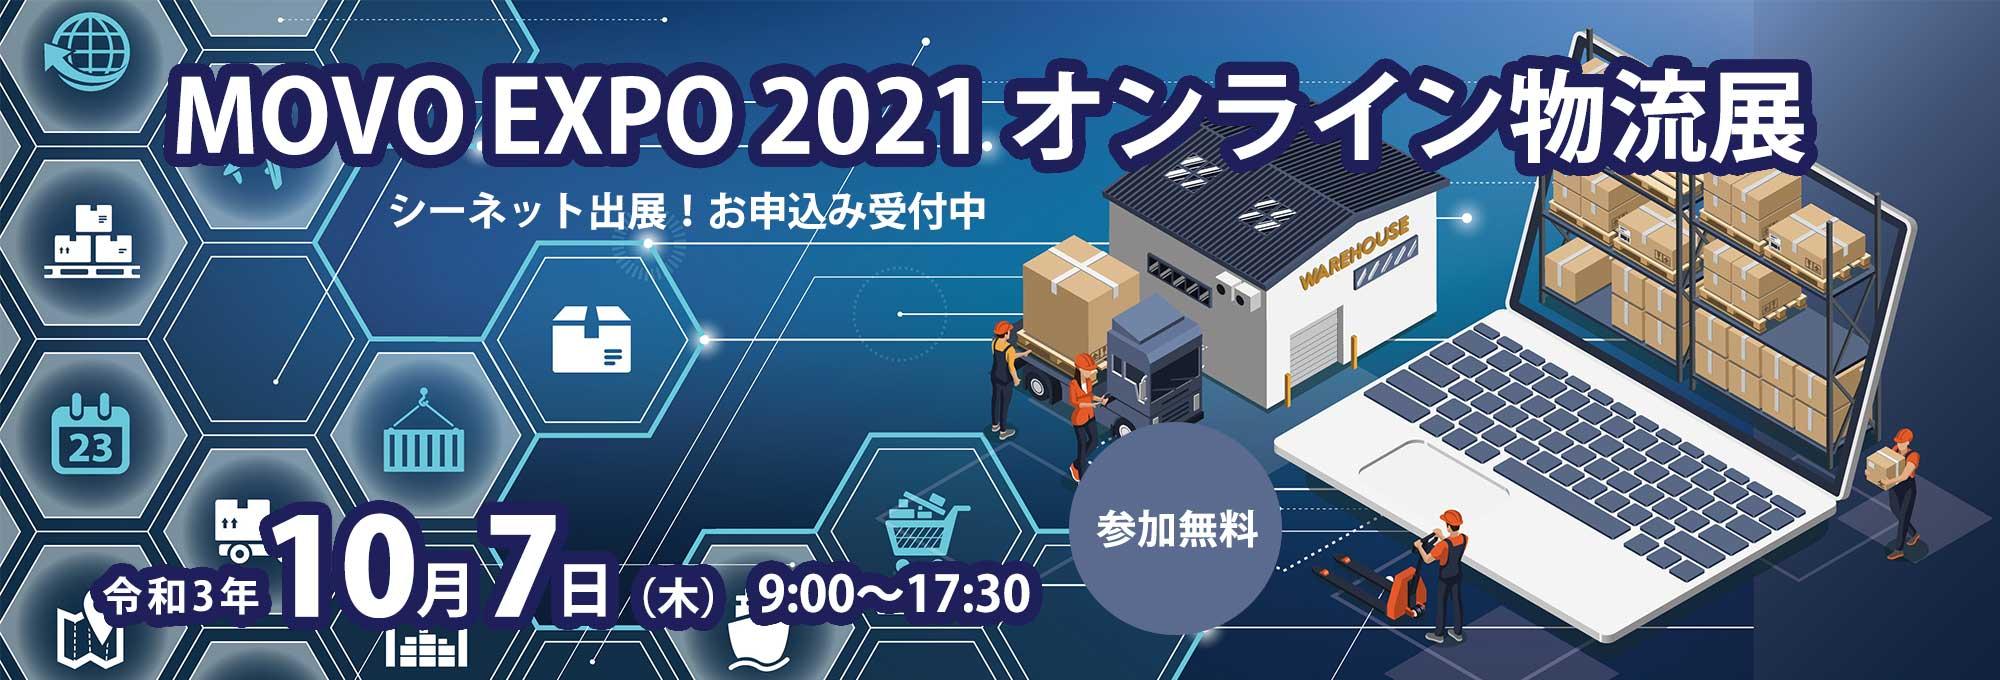 シーネット MOVO EXPO2021 出展